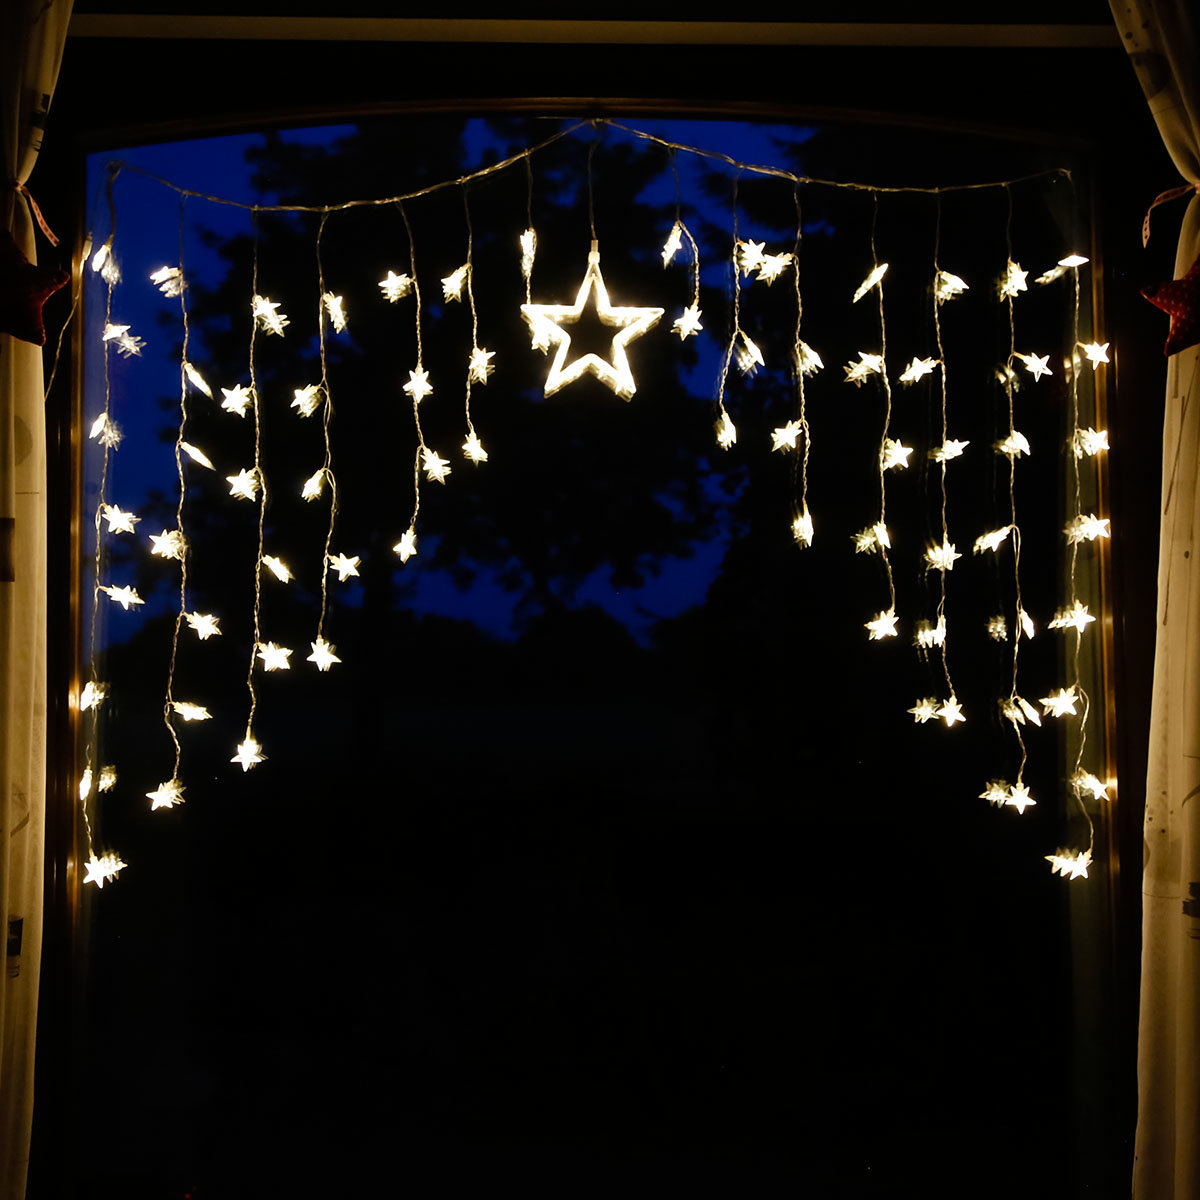 led lichtervorhang mit sternen von g rtner p tschke. Black Bedroom Furniture Sets. Home Design Ideas